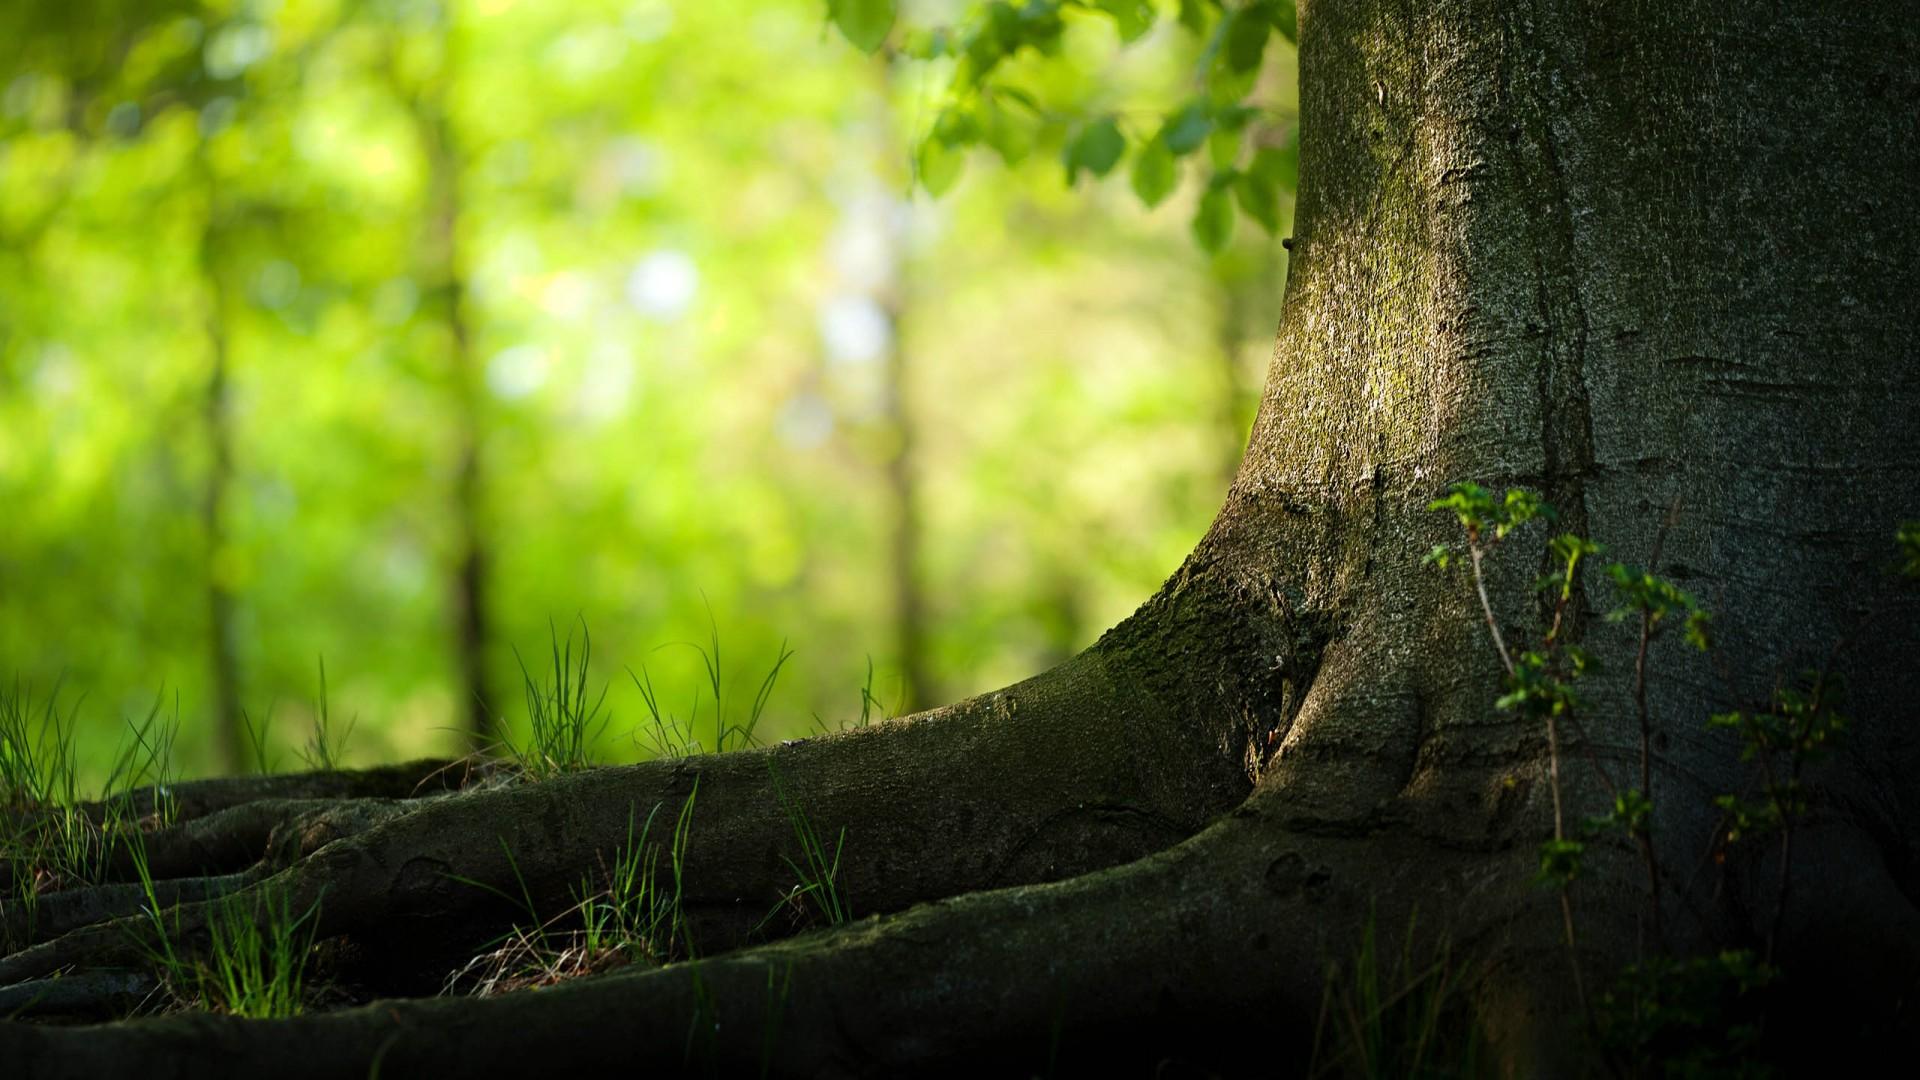 Fondos de pantalla de paisajes naturales medioambiente y for Fondo de pantalla 1080 x 1920